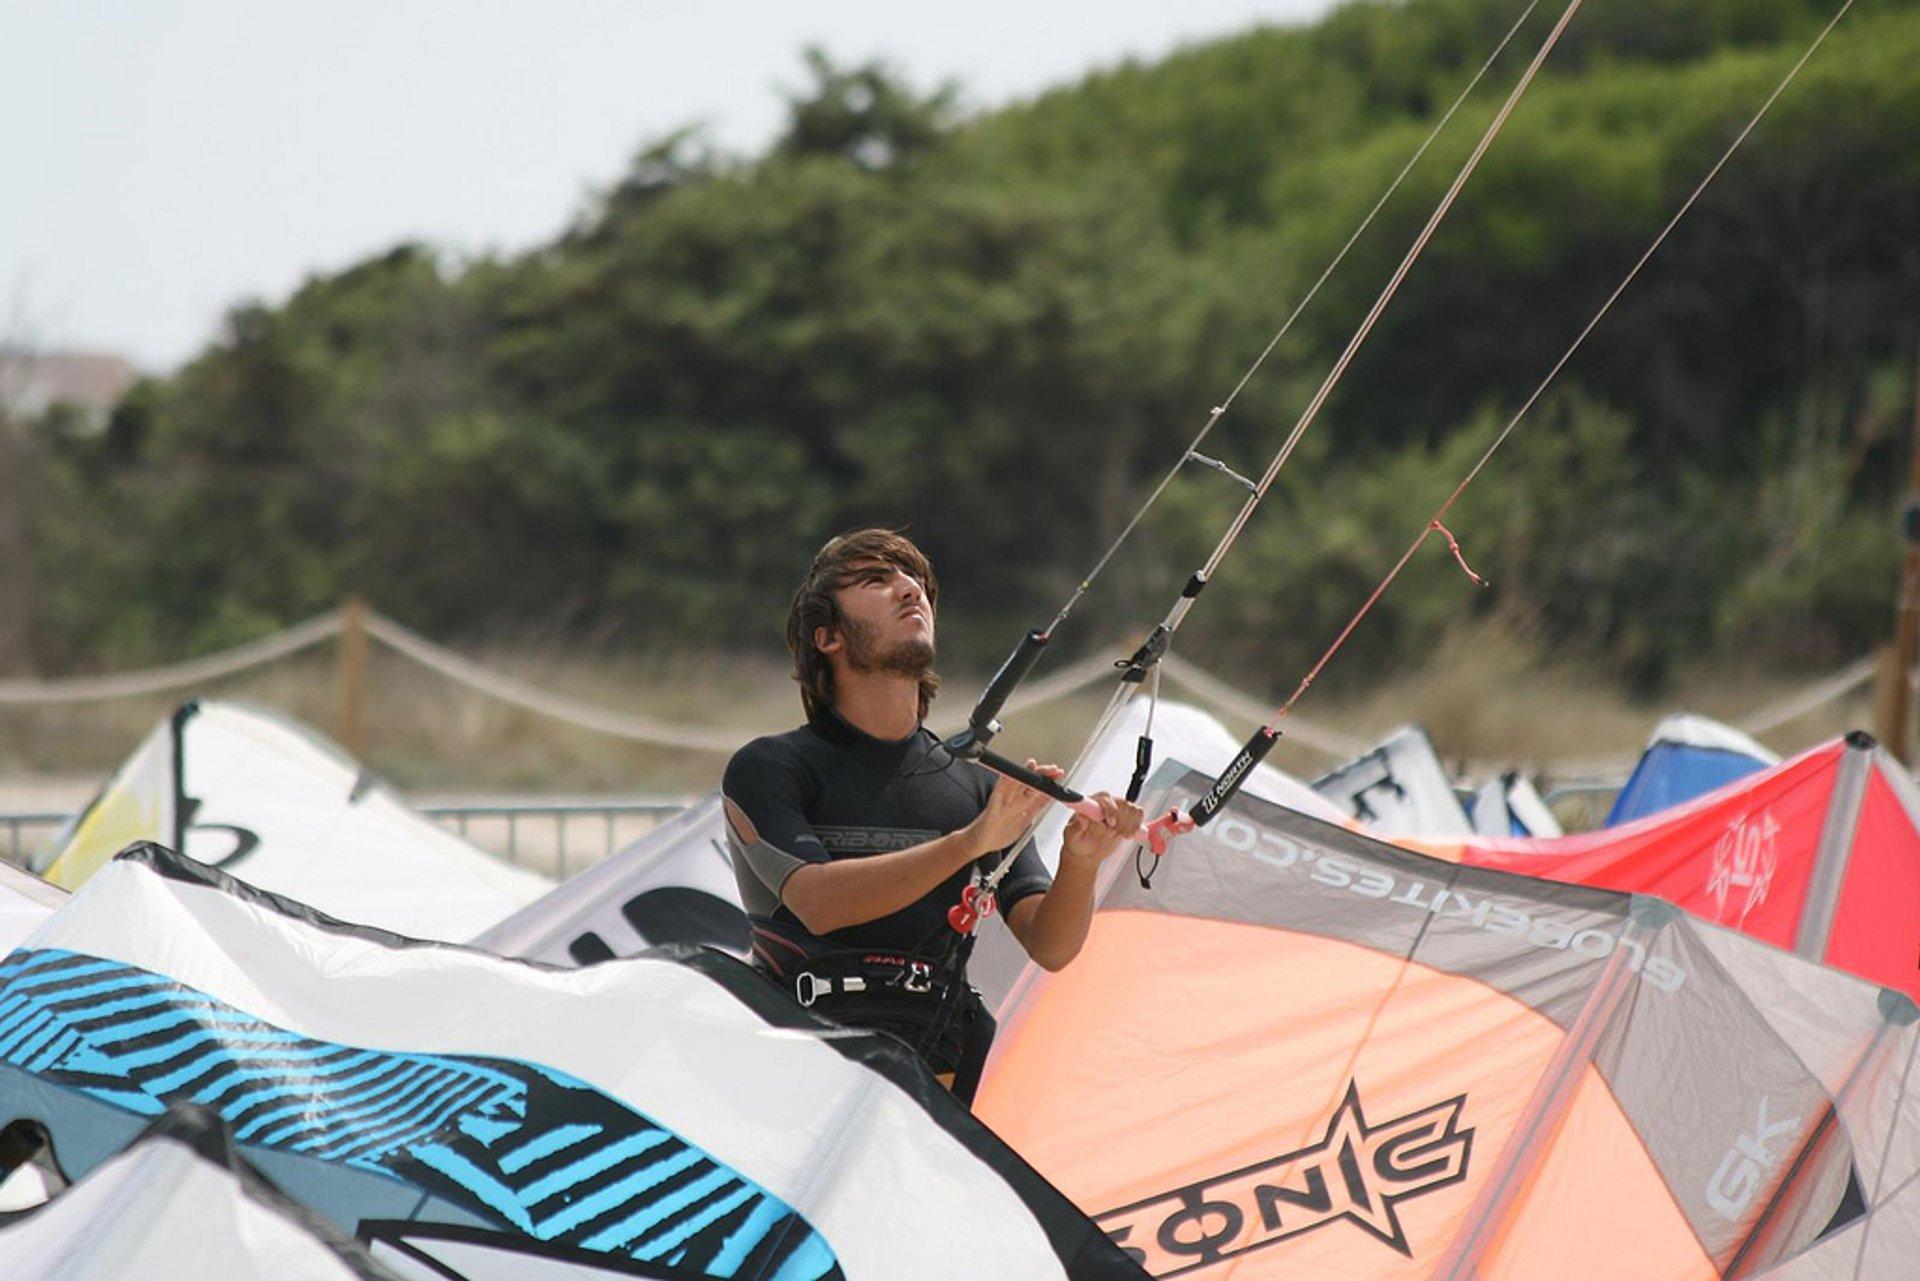 Kite surfing contest in Platja de Muro, Alcudia 2020